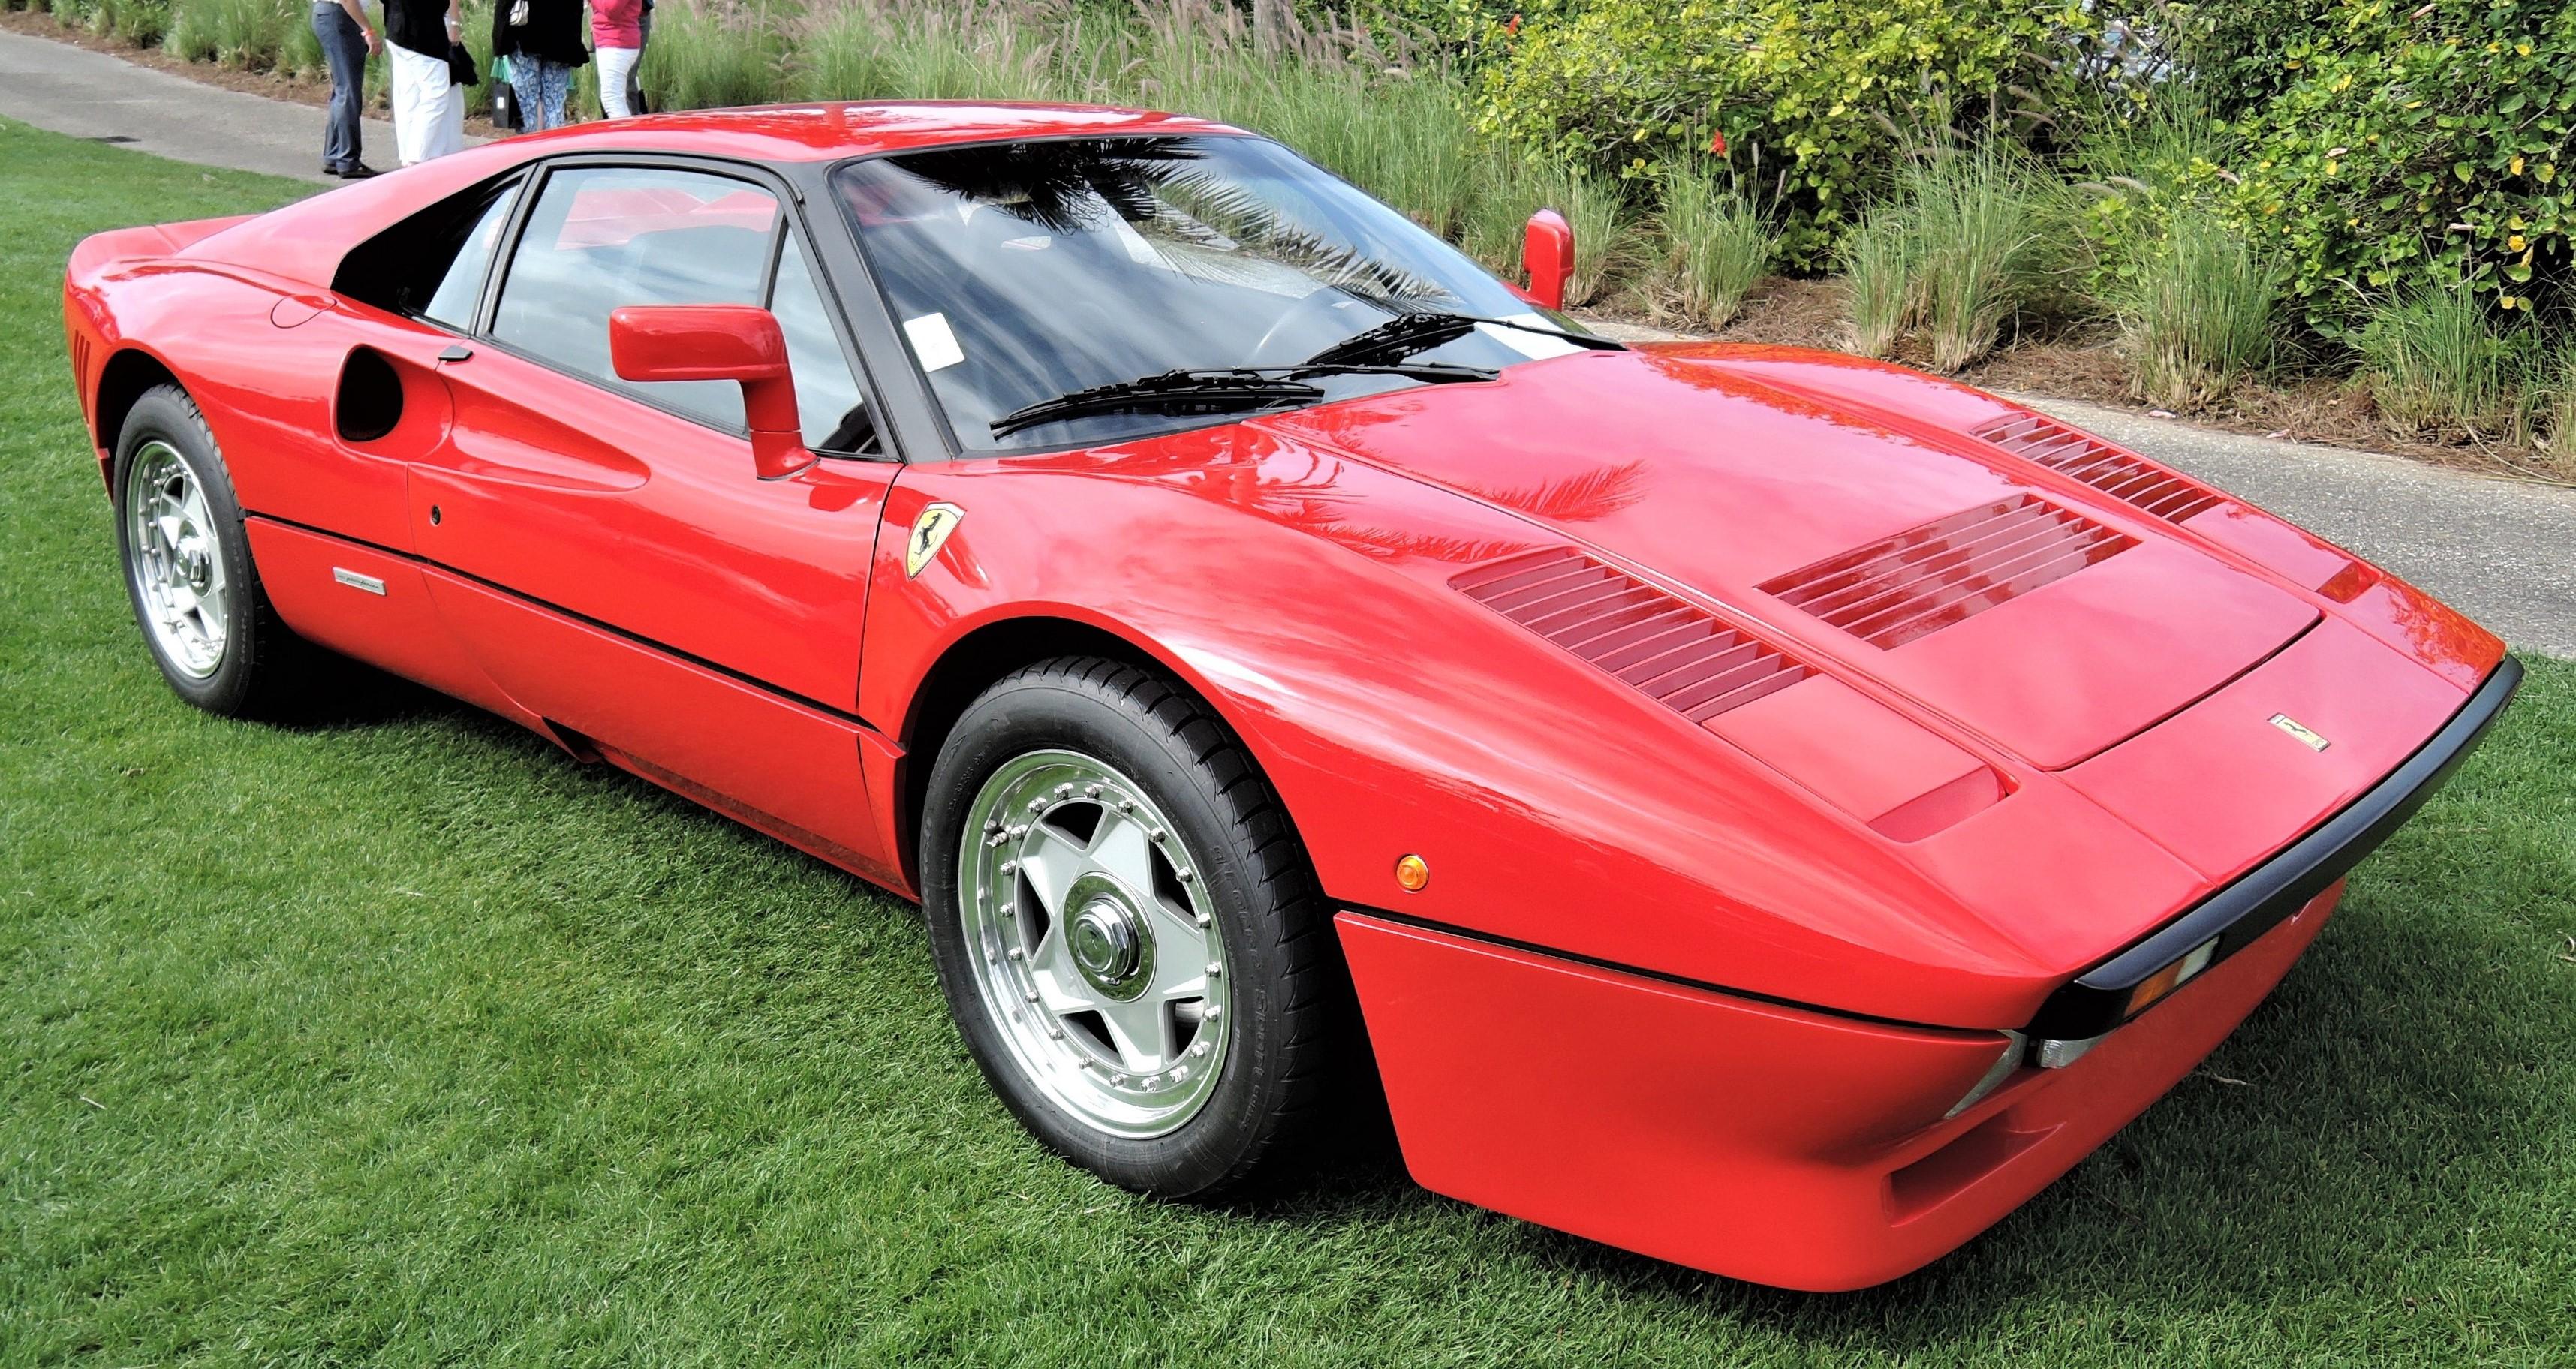 red 1985 Ferrari 288 GTO; Sn 55223 - Cavallino 2018 Concours